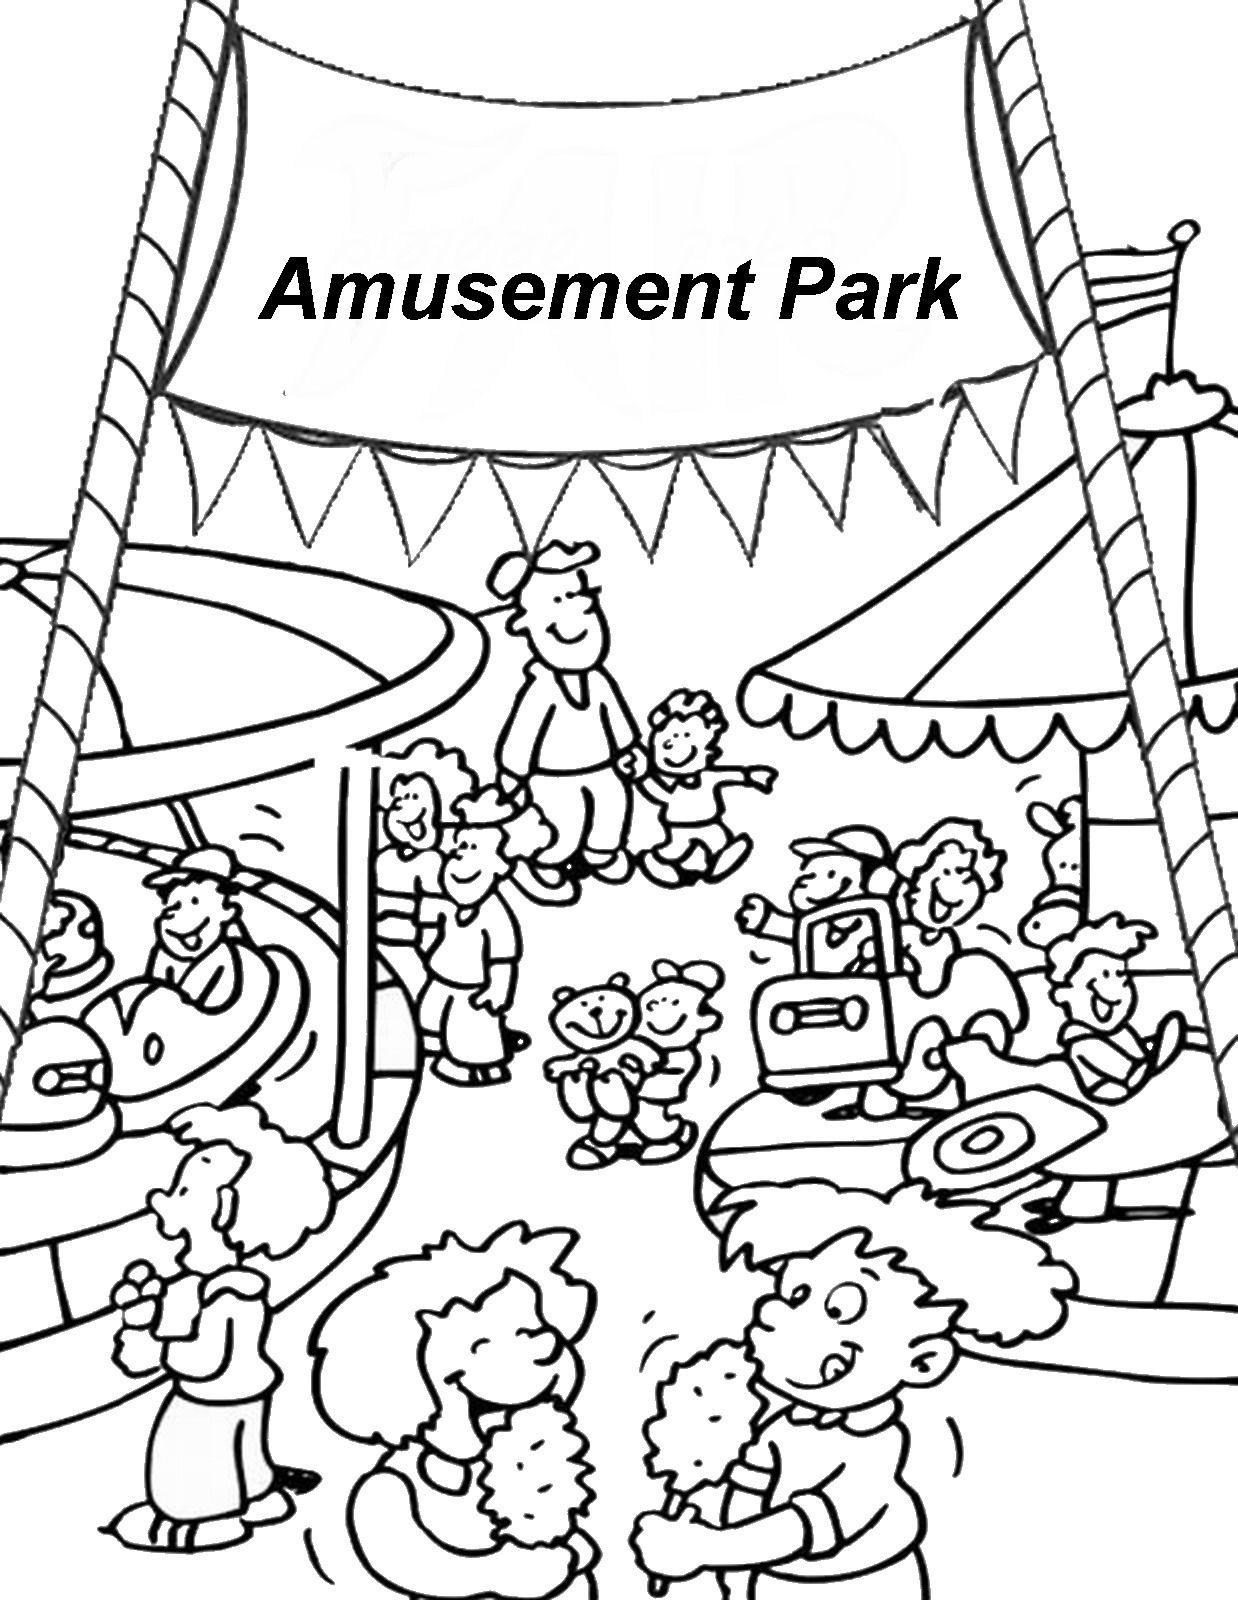 Amusement Park Coloring Pages Coloring Pages Toddler Coloring Book Cool Coloring Pages